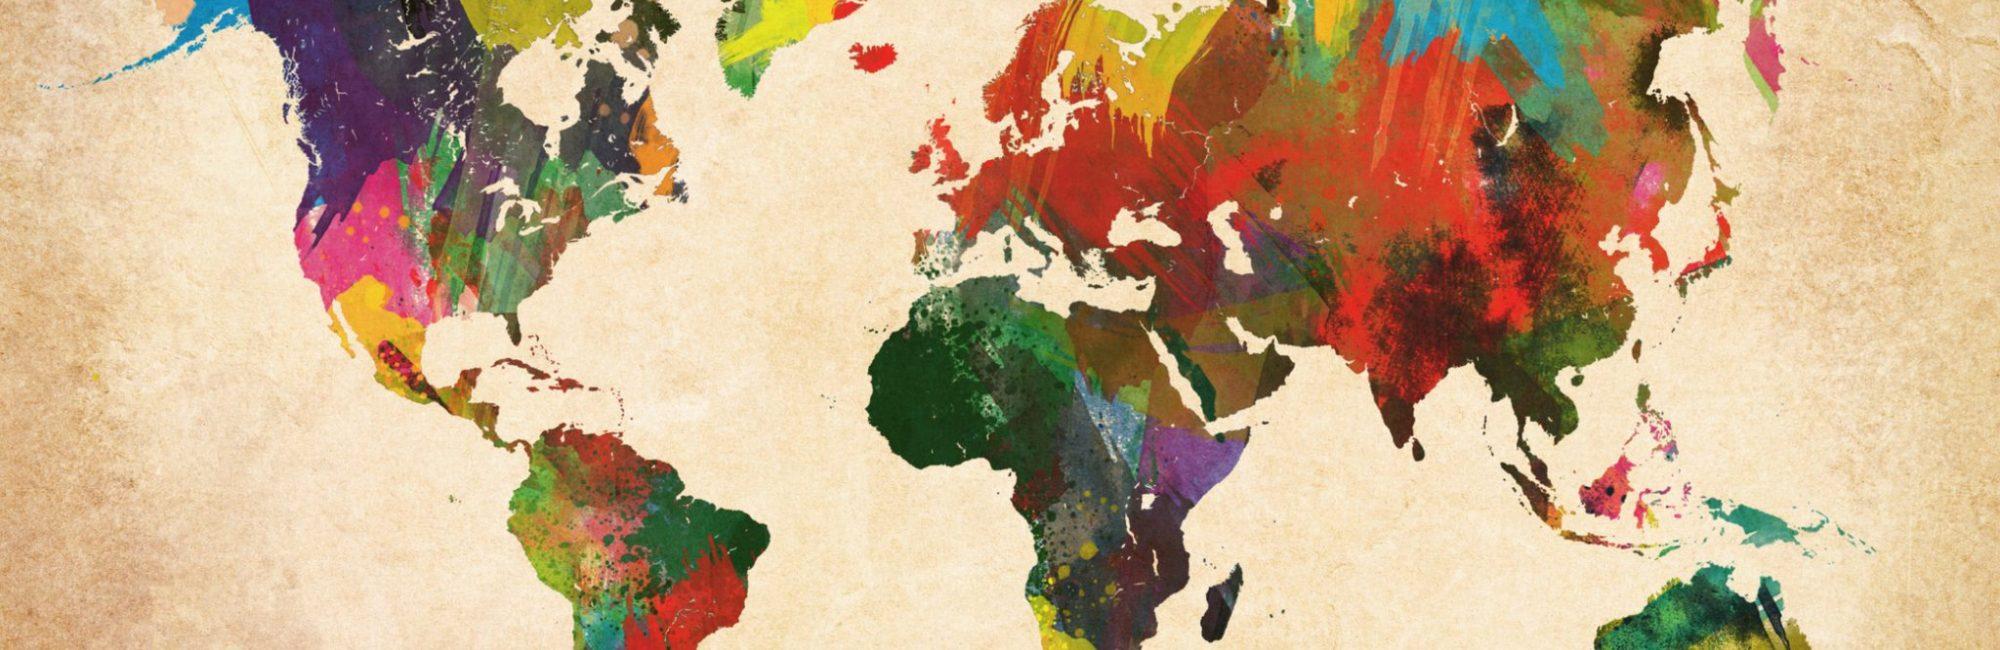 interculturali luoghi d'intercultura